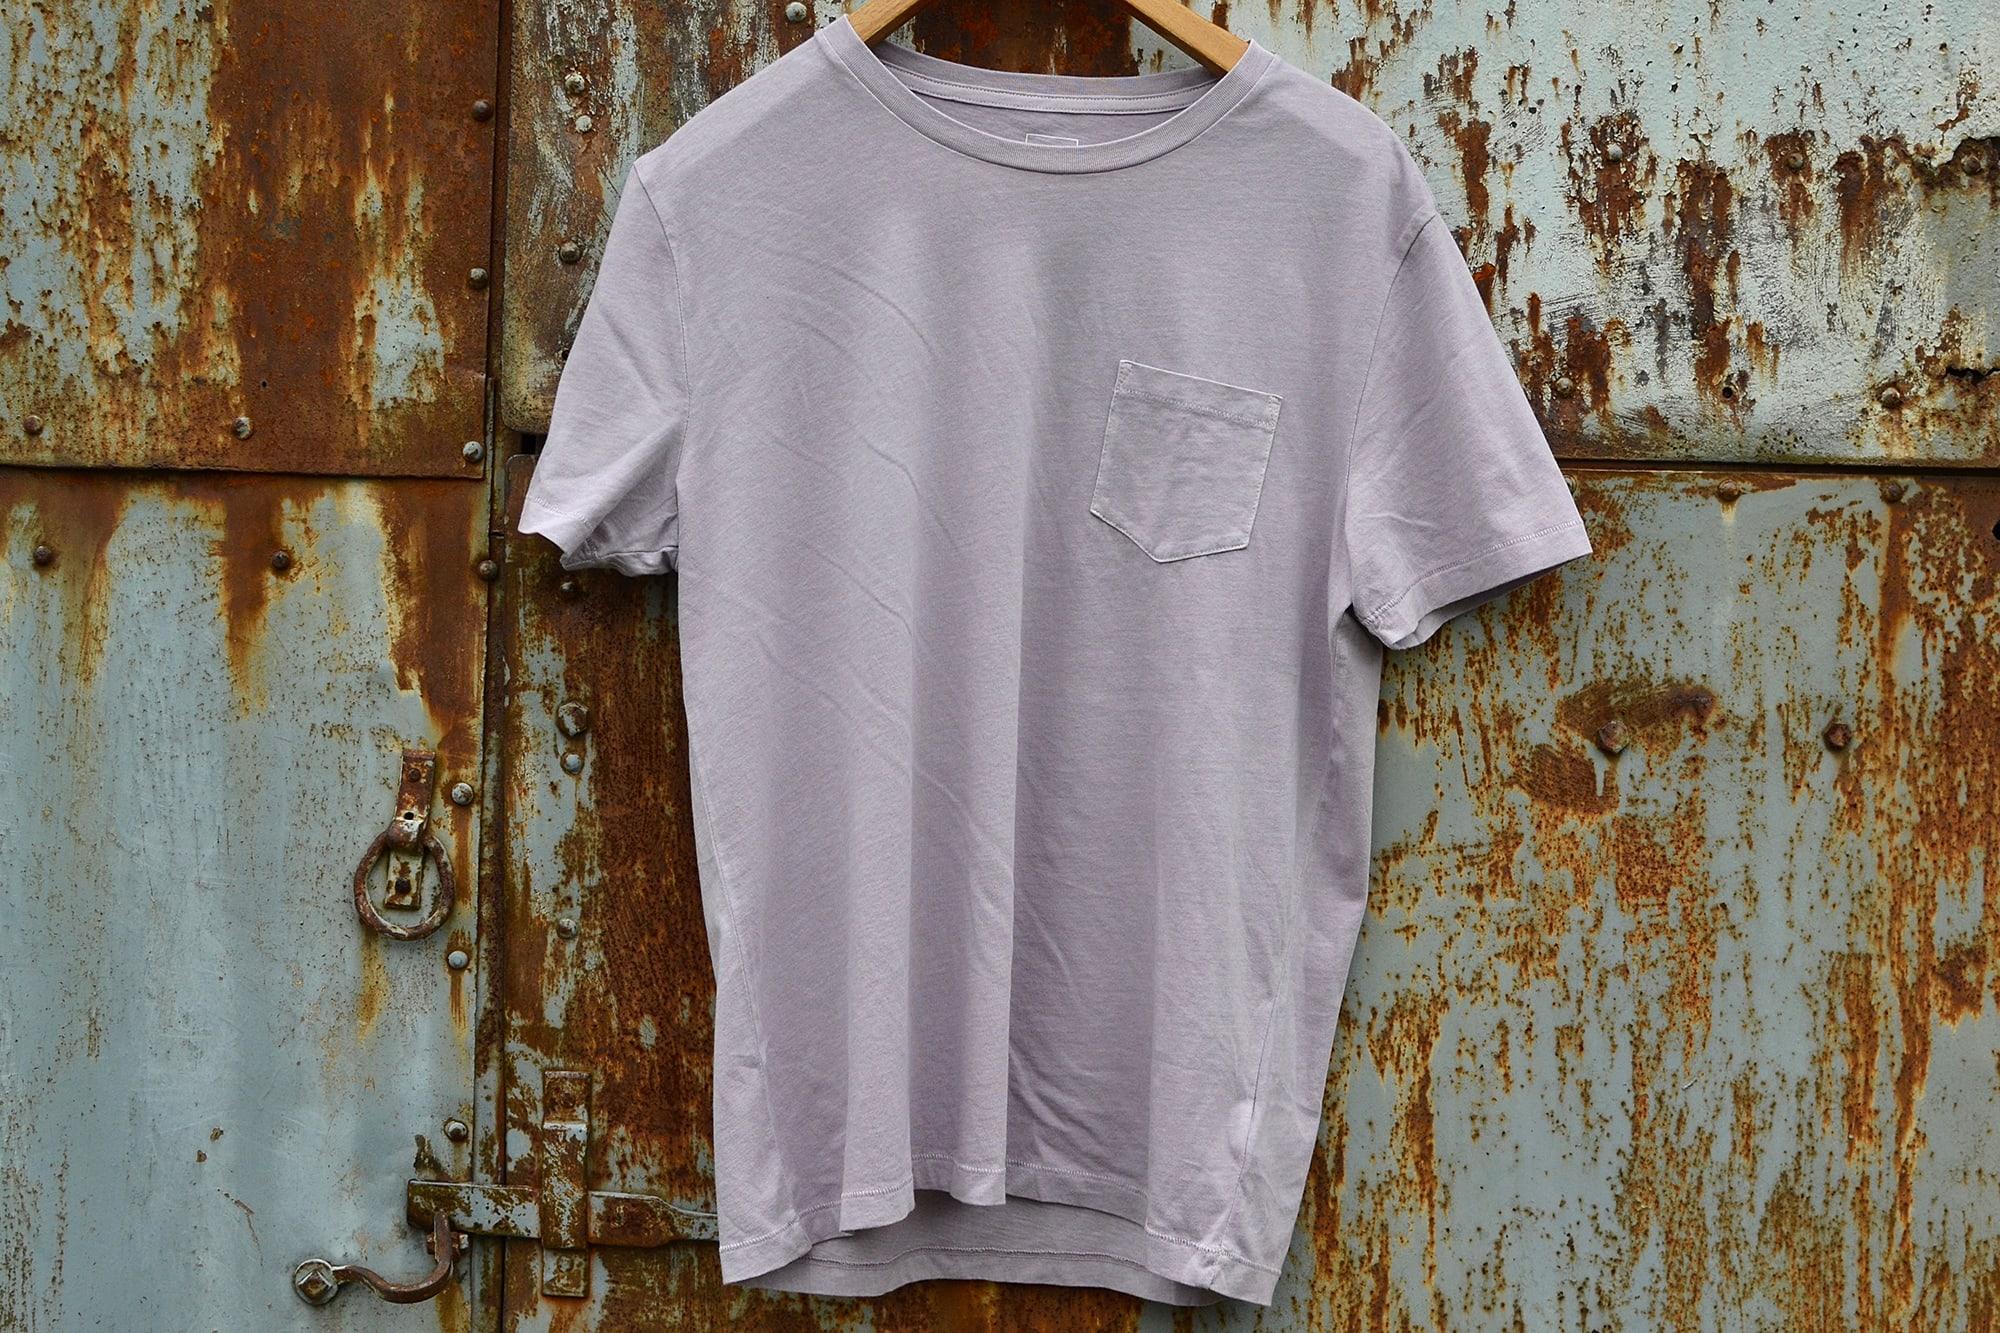 GAP un bon choix de tee shirt rose / violet / lavande pour un homme